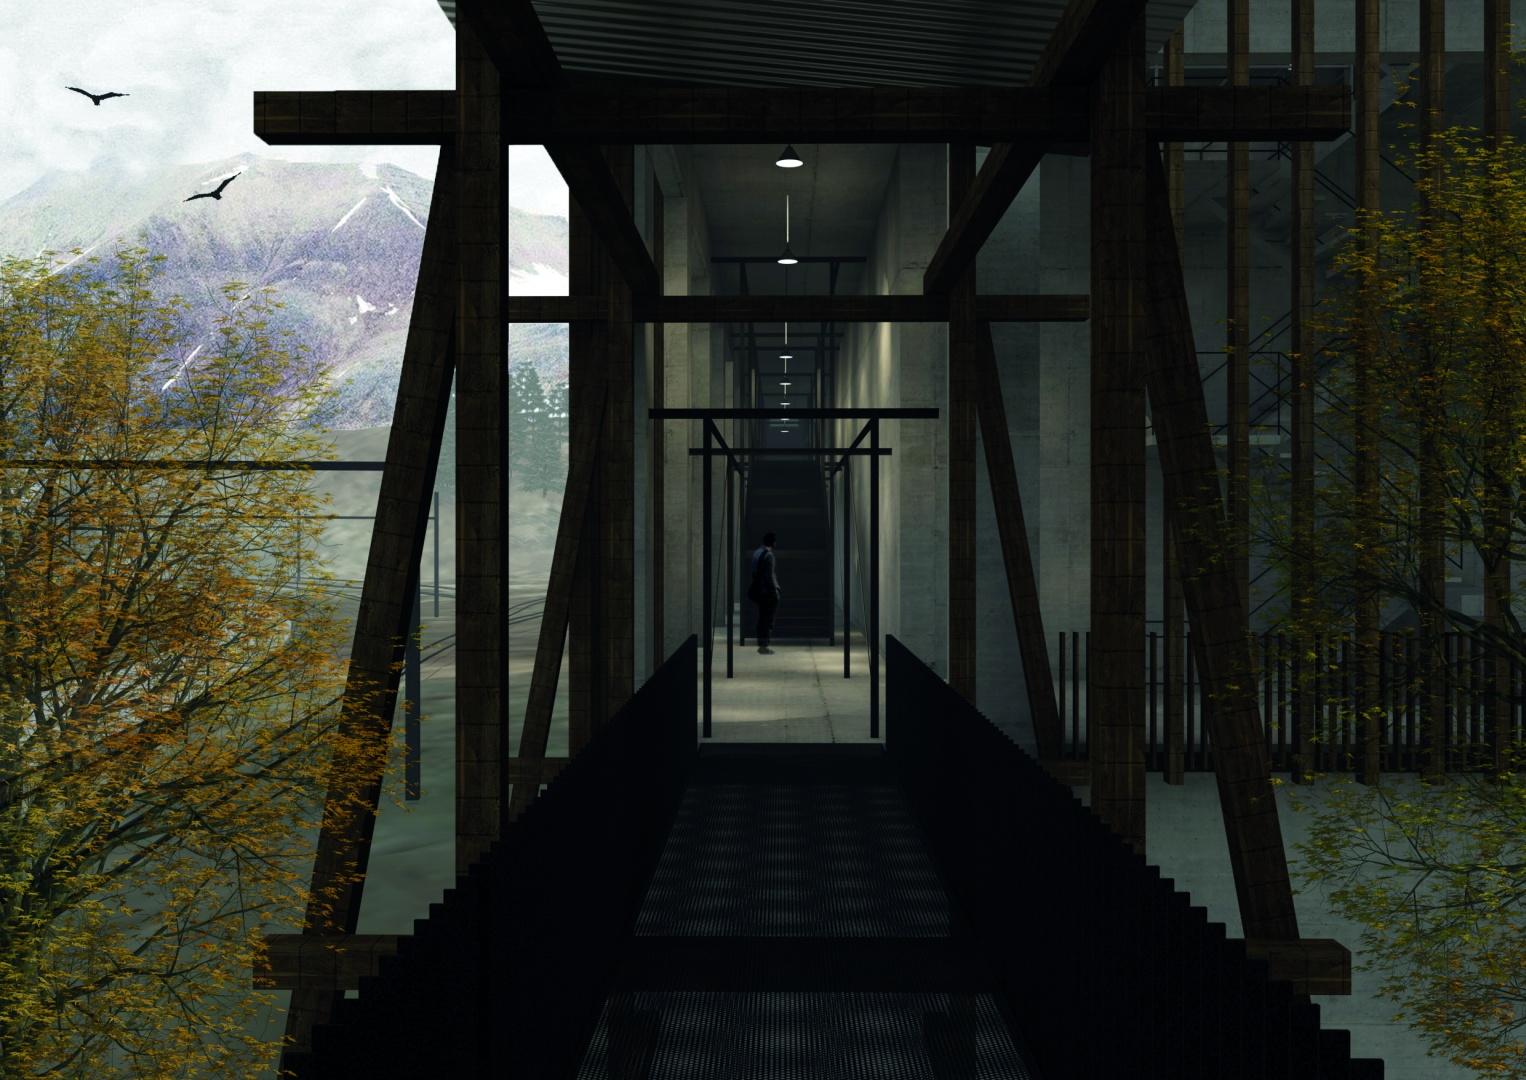 pont ambulant_01 © Davide Vinciguerra